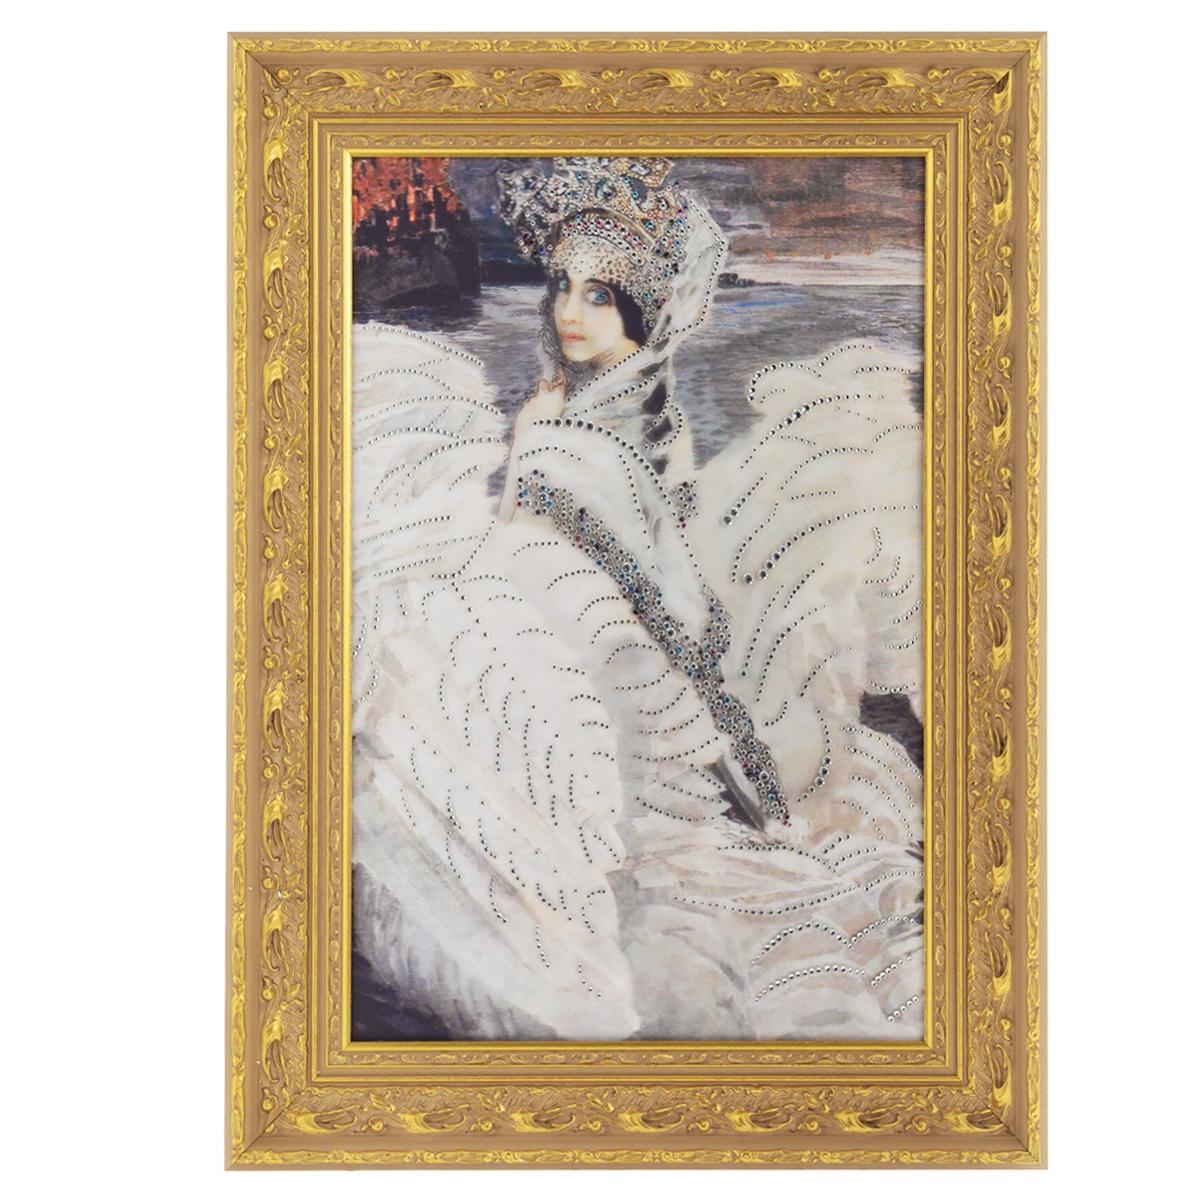 Картина с кристаллами Swarovski Царевна-Лебедь, 59,5 х 81 см1200Изящная картина в багетной раме, инкрустирована кристаллами Swarovski, которые отличаются четкой и ровной огранкой, ярким блеском и чистотой цвета. Красочное изображение прекрасной Царевны-Лебедь, расположенное под стеклом, прекрасно дополняет блеск кристаллов. С обратной стороны имеется металлическая проволока для размещения картины на стене. Картина с кристаллами Swarovski Царевна-Лебедь элегантно украсит интерьер дома или офиса, а также станет прекрасным подарком, который обязательно понравится получателю. Блеск кристаллов в интерьере, что может быть сказочнее и удивительнее.Картина упакована в подарочную картонную коробку синего цвета и комплектуется сертификатом соответствия Swarovski. Размер картины: 59,5 см х 81 см.Количество кристаллов: 1343 шт.